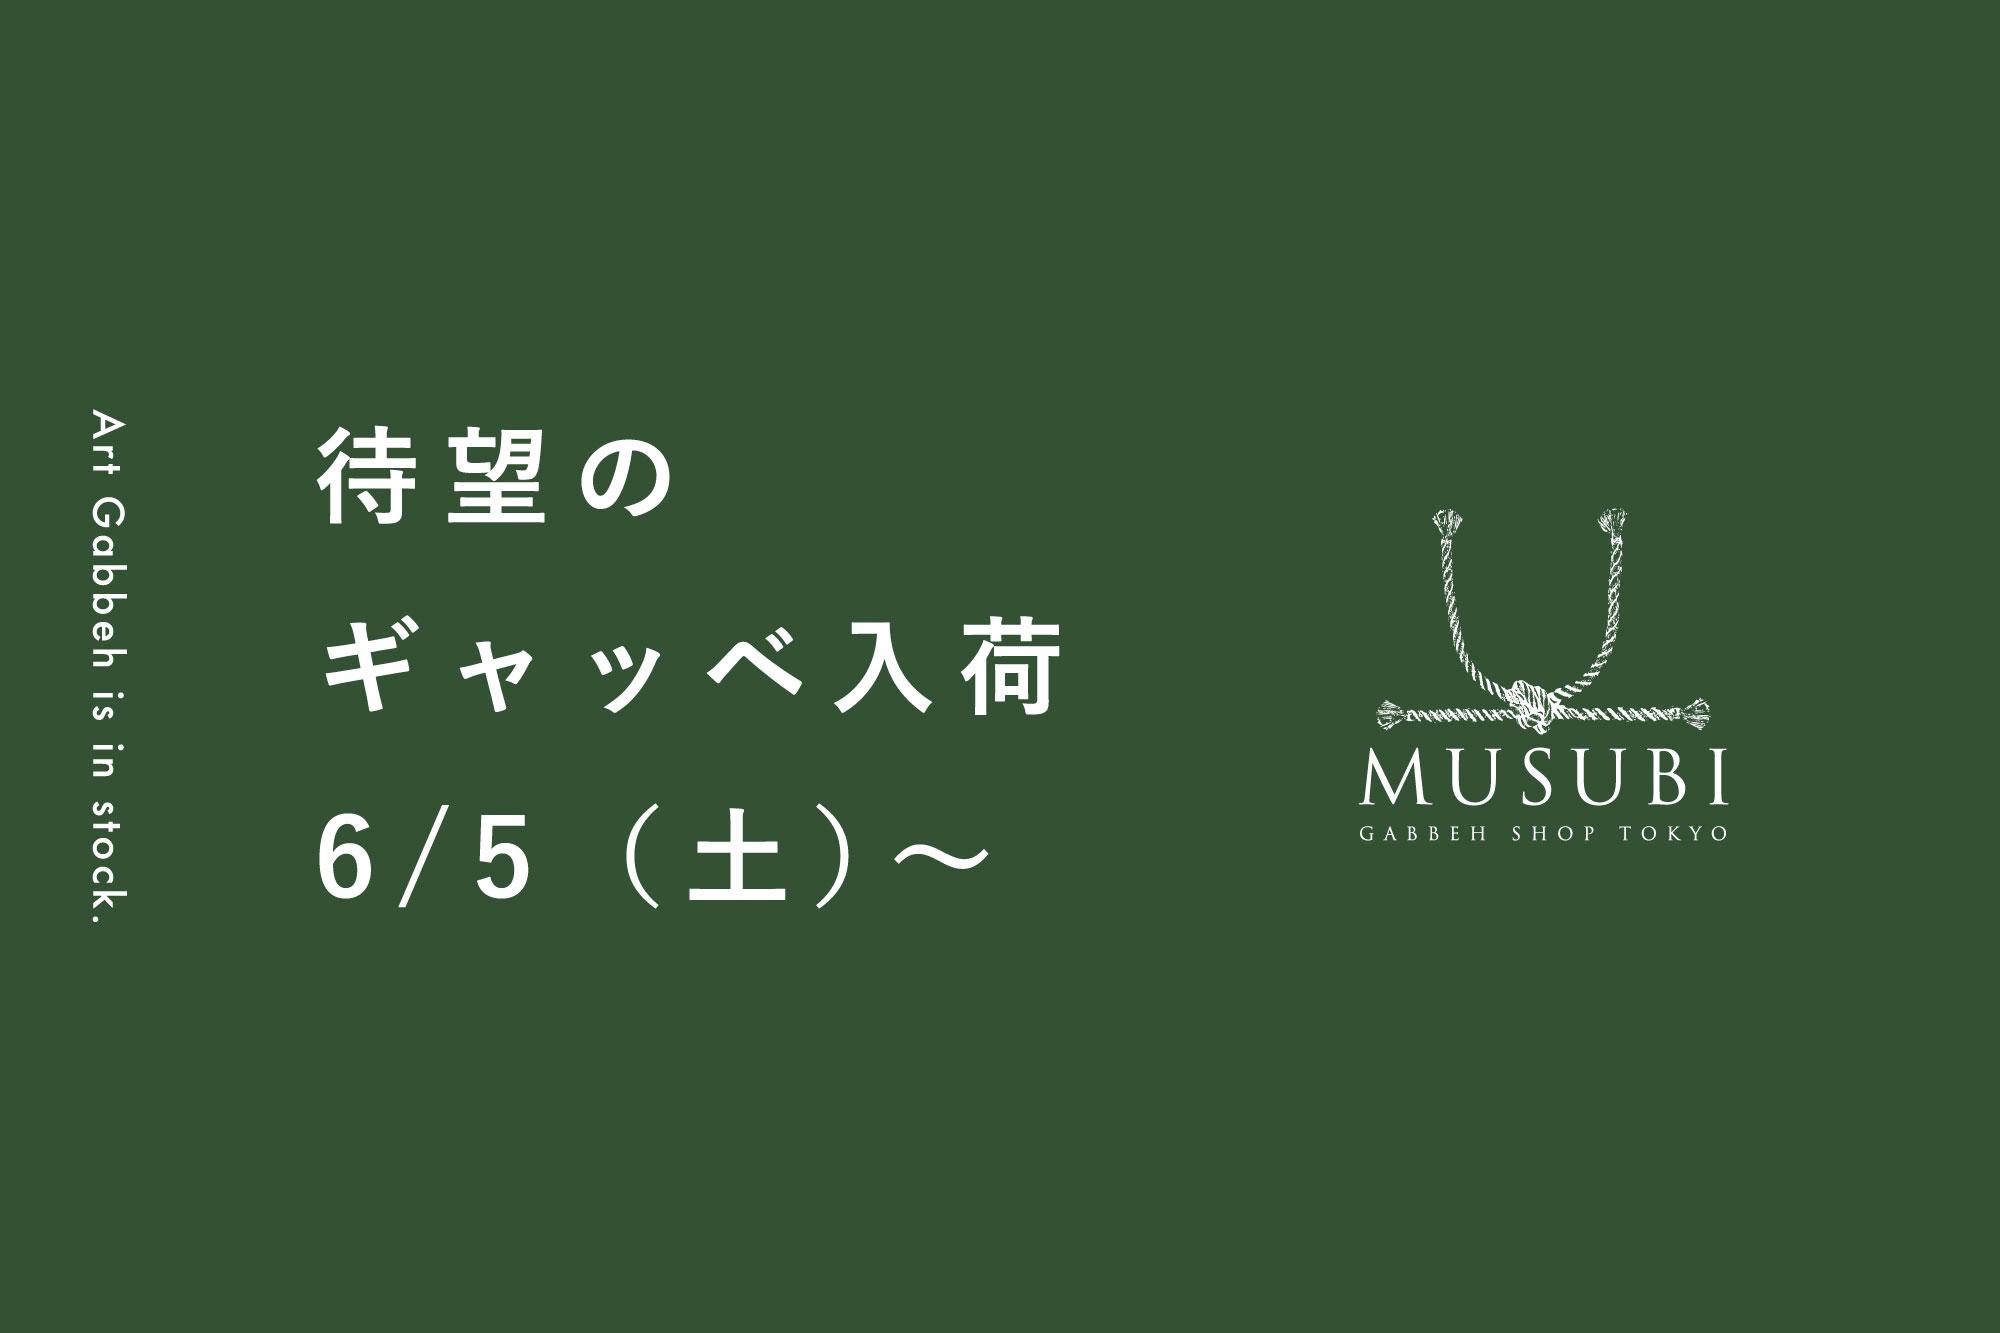 新入荷ギャッベ6/5(土)から公開!